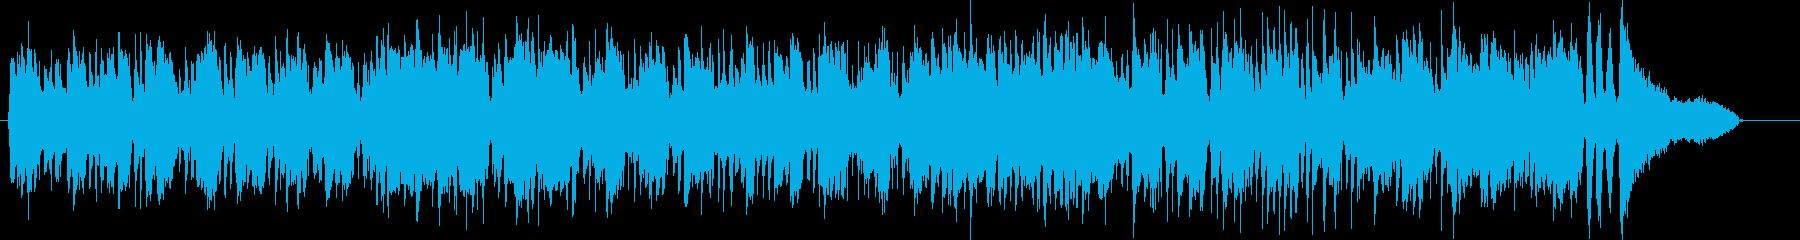 レコード/シンプル/ロック/ブルースの再生済みの波形